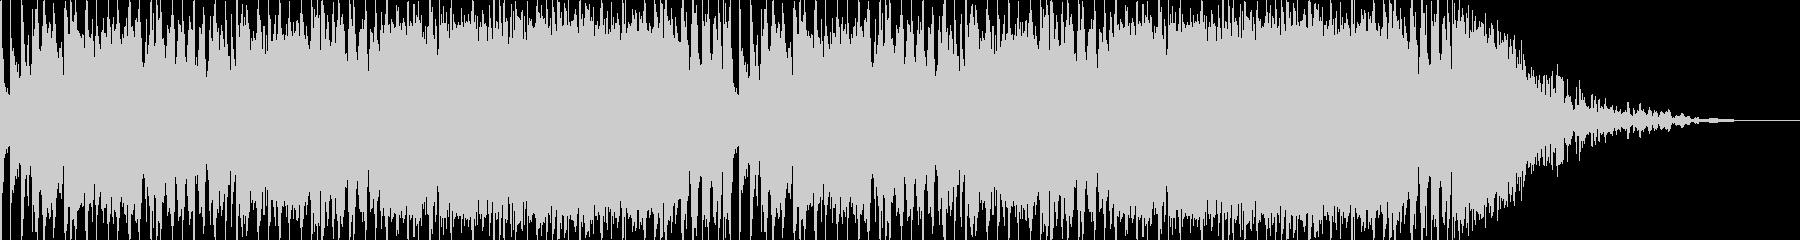 ヘビーなエレキギターのバンドサウンドの未再生の波形